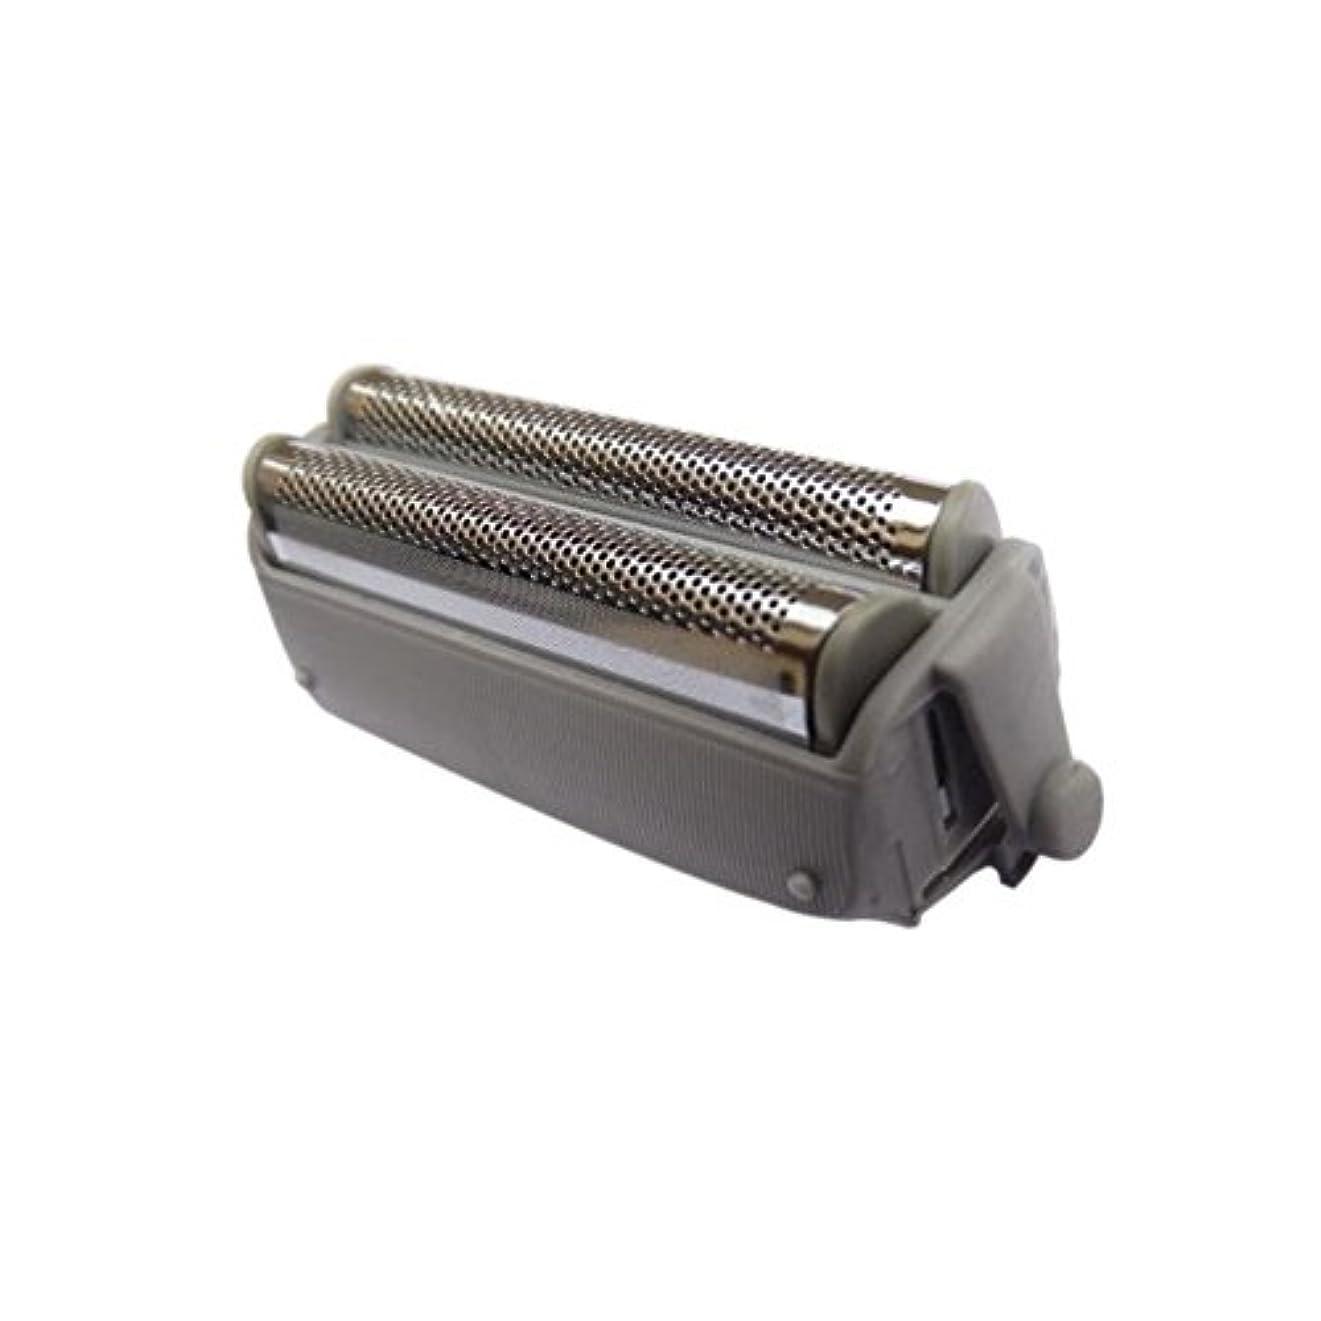 セクションレザーバクテリアHZjundasi Replacement Outer ホイル for Panasonic ES4035/RW30 ES9859